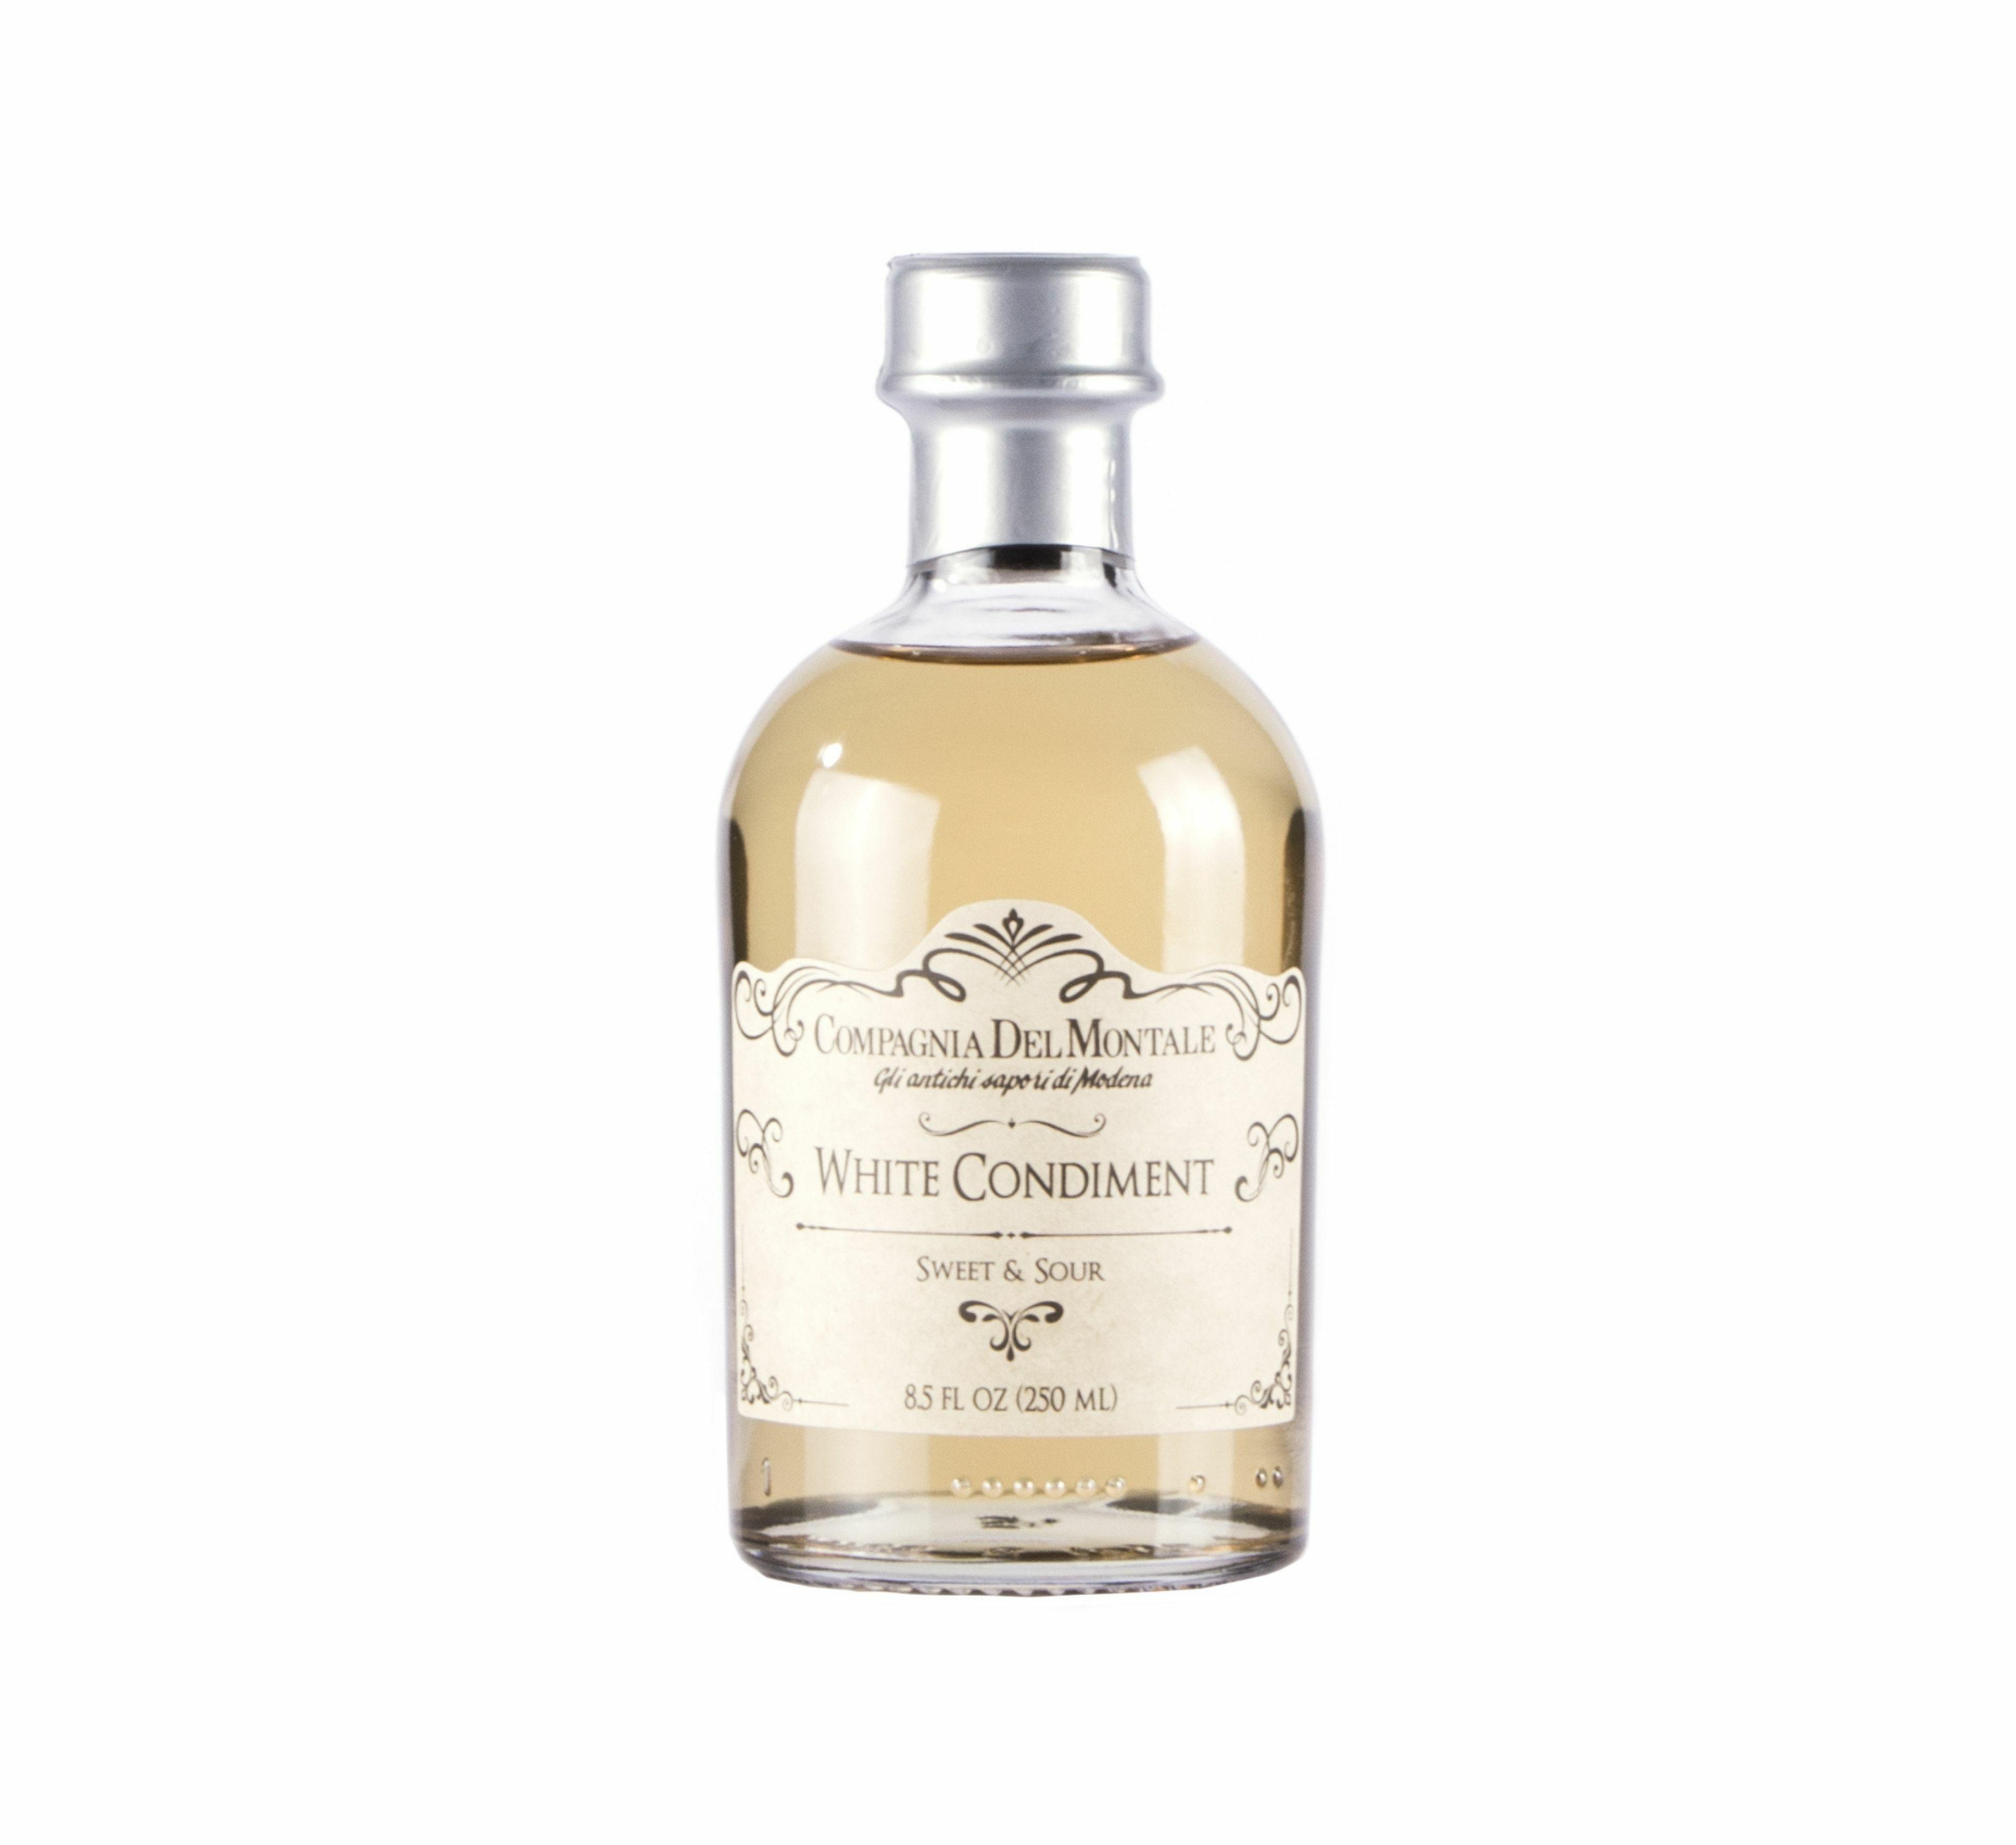 Compagnia Del Montale White Balsamic Condimenti (Vinegar) 0126